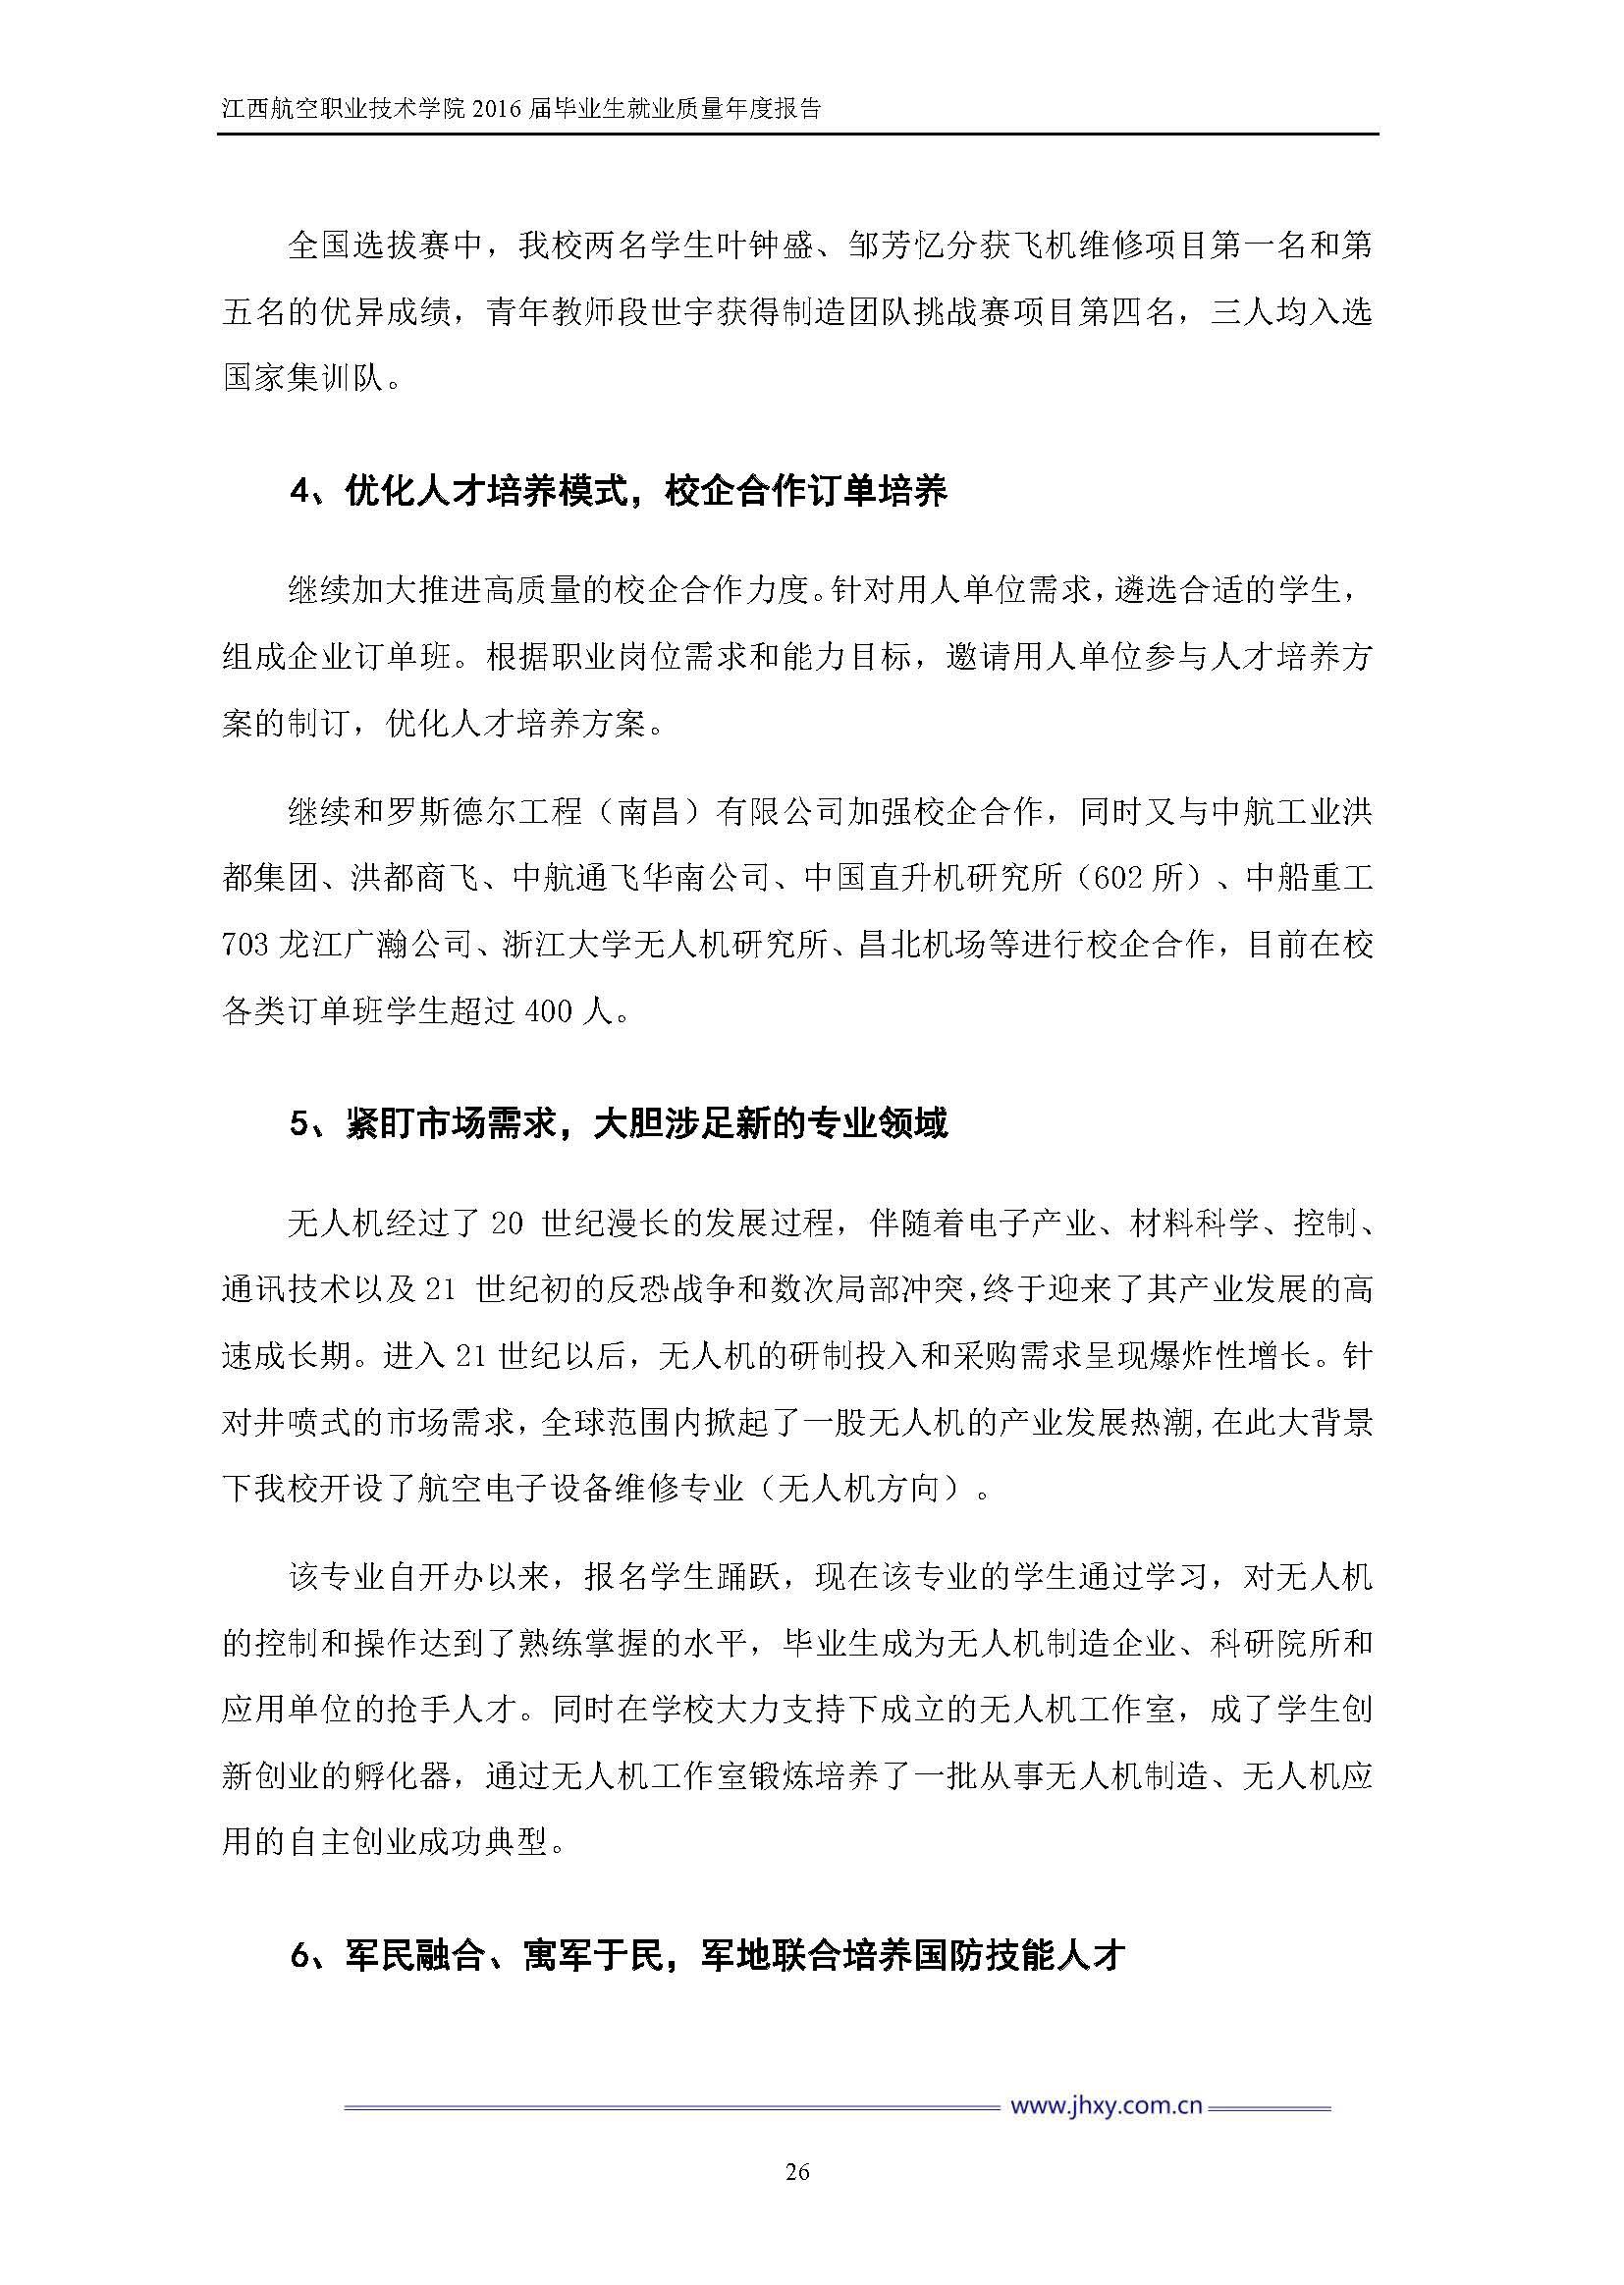 江西航空职业技术学院2016届毕业生就业质量年度报告_Page_33.jpg